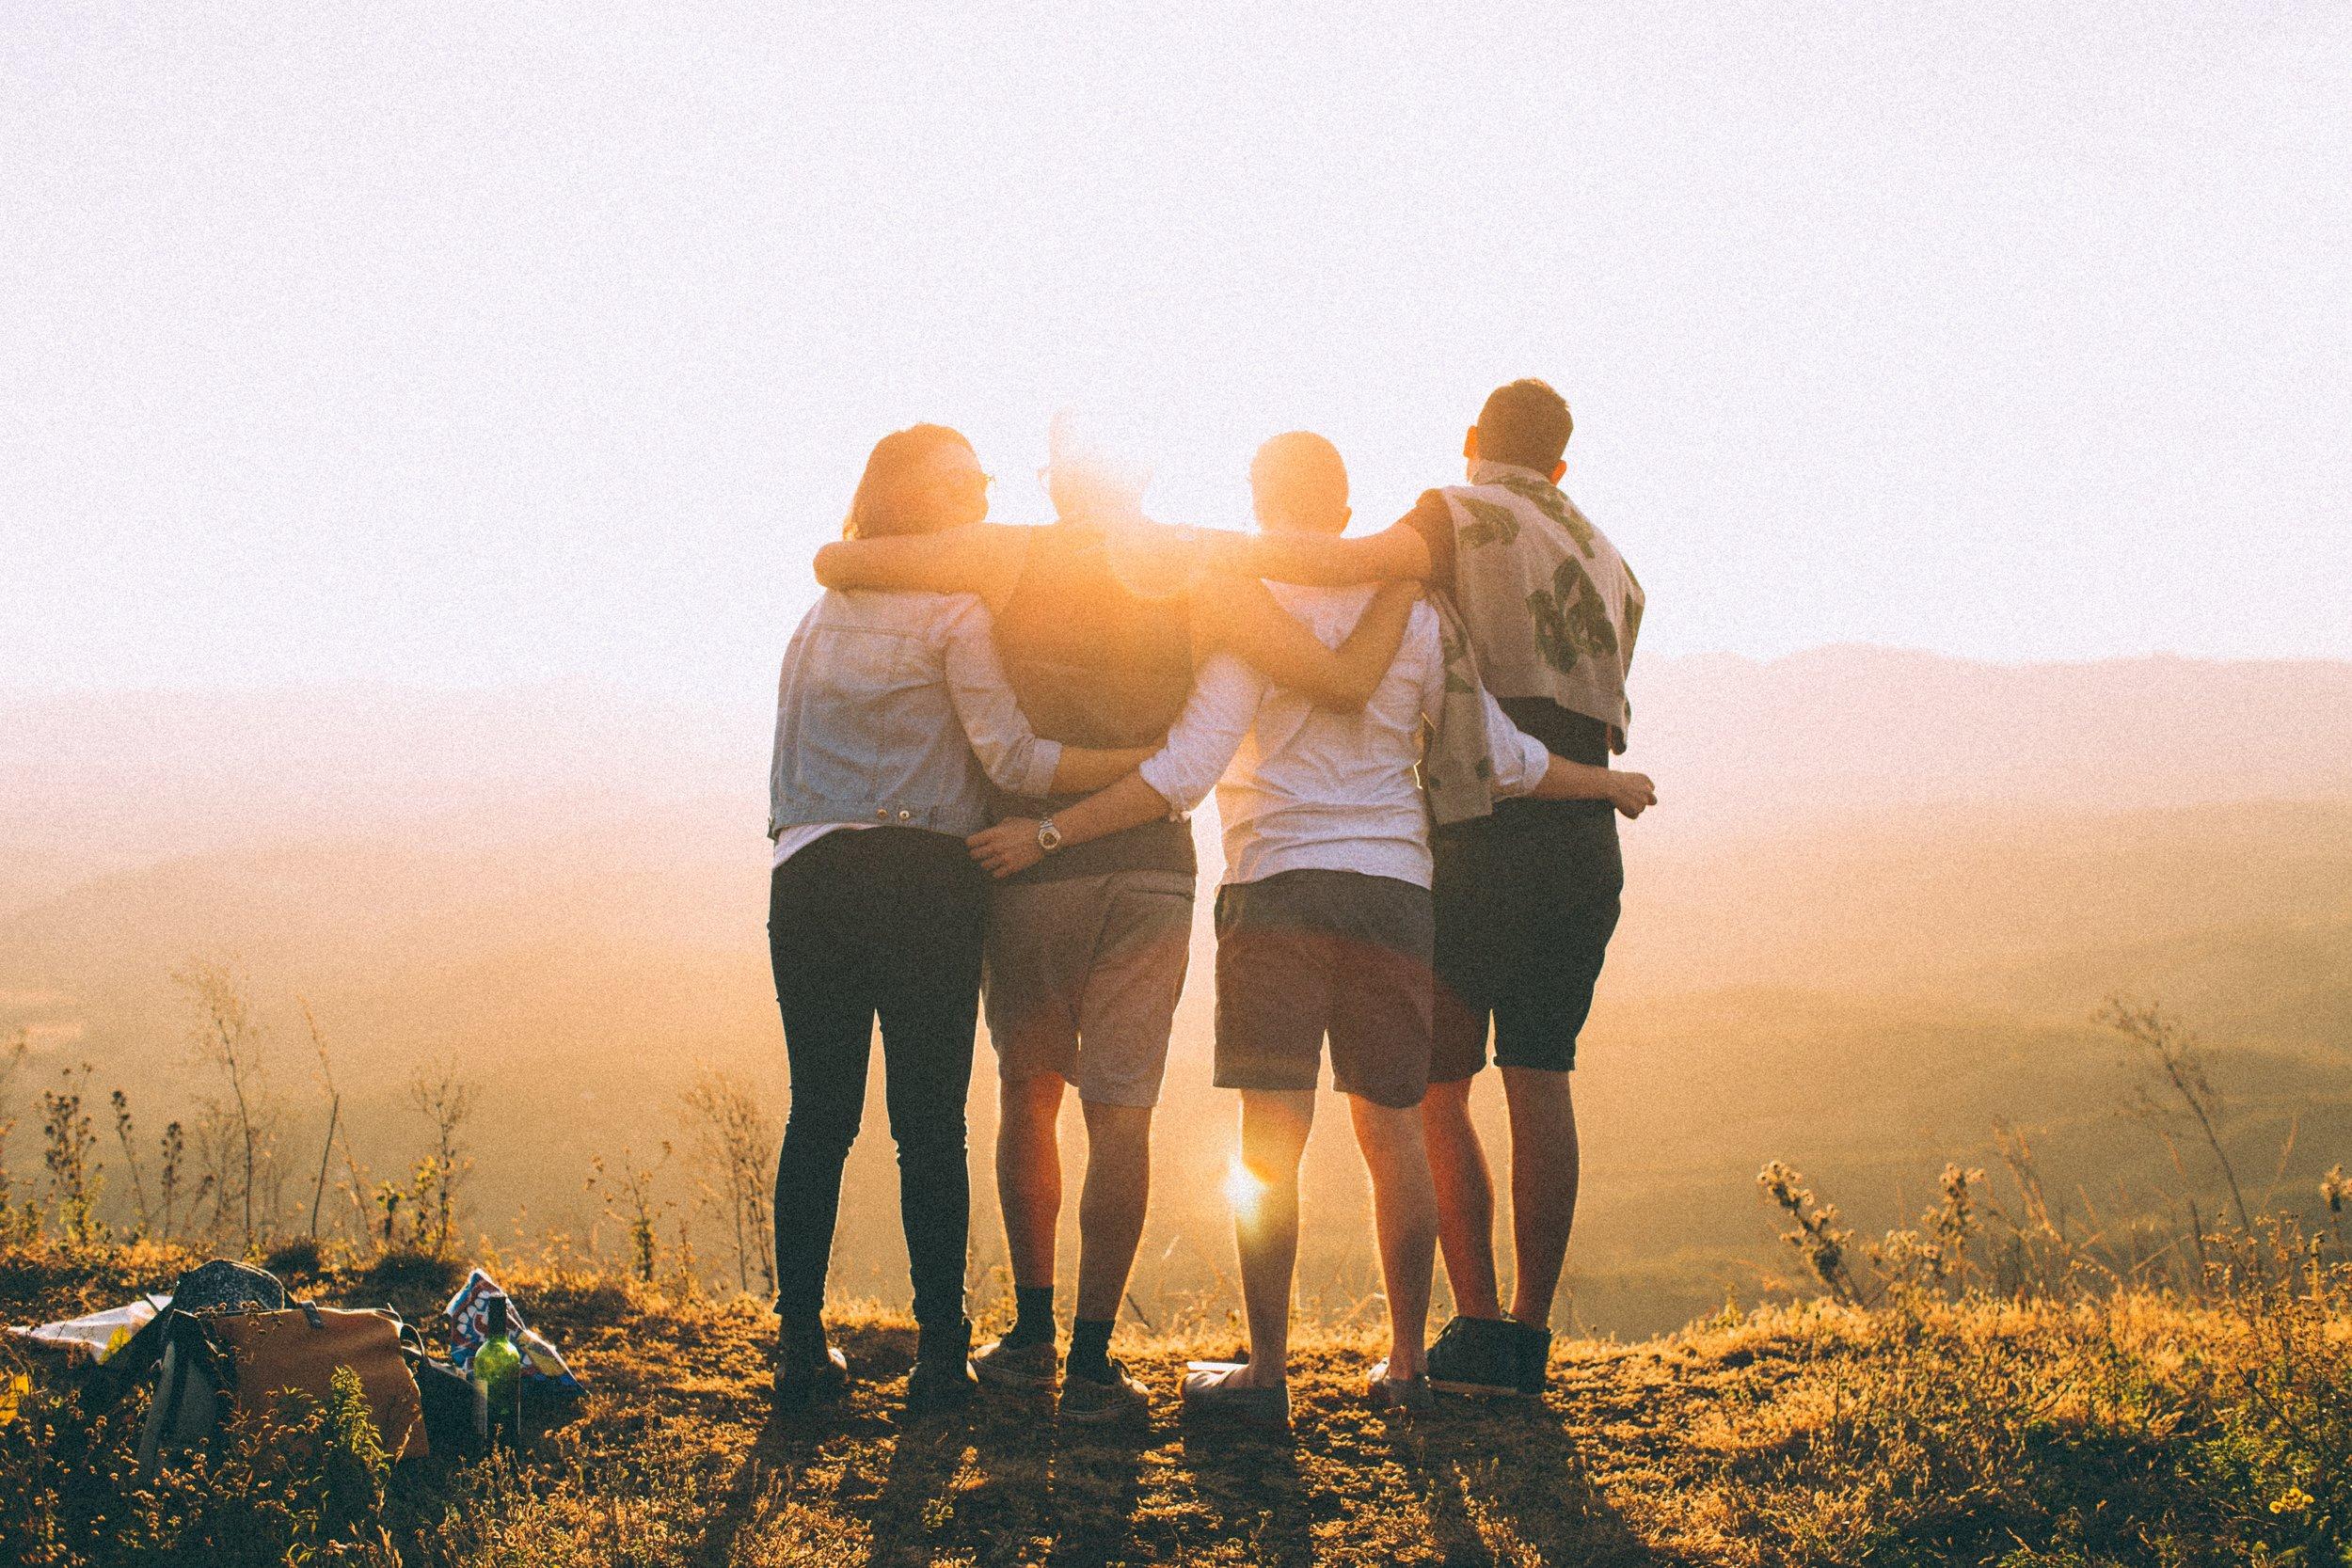 group huddle - helena-lopes-459331-unsplash.jpg